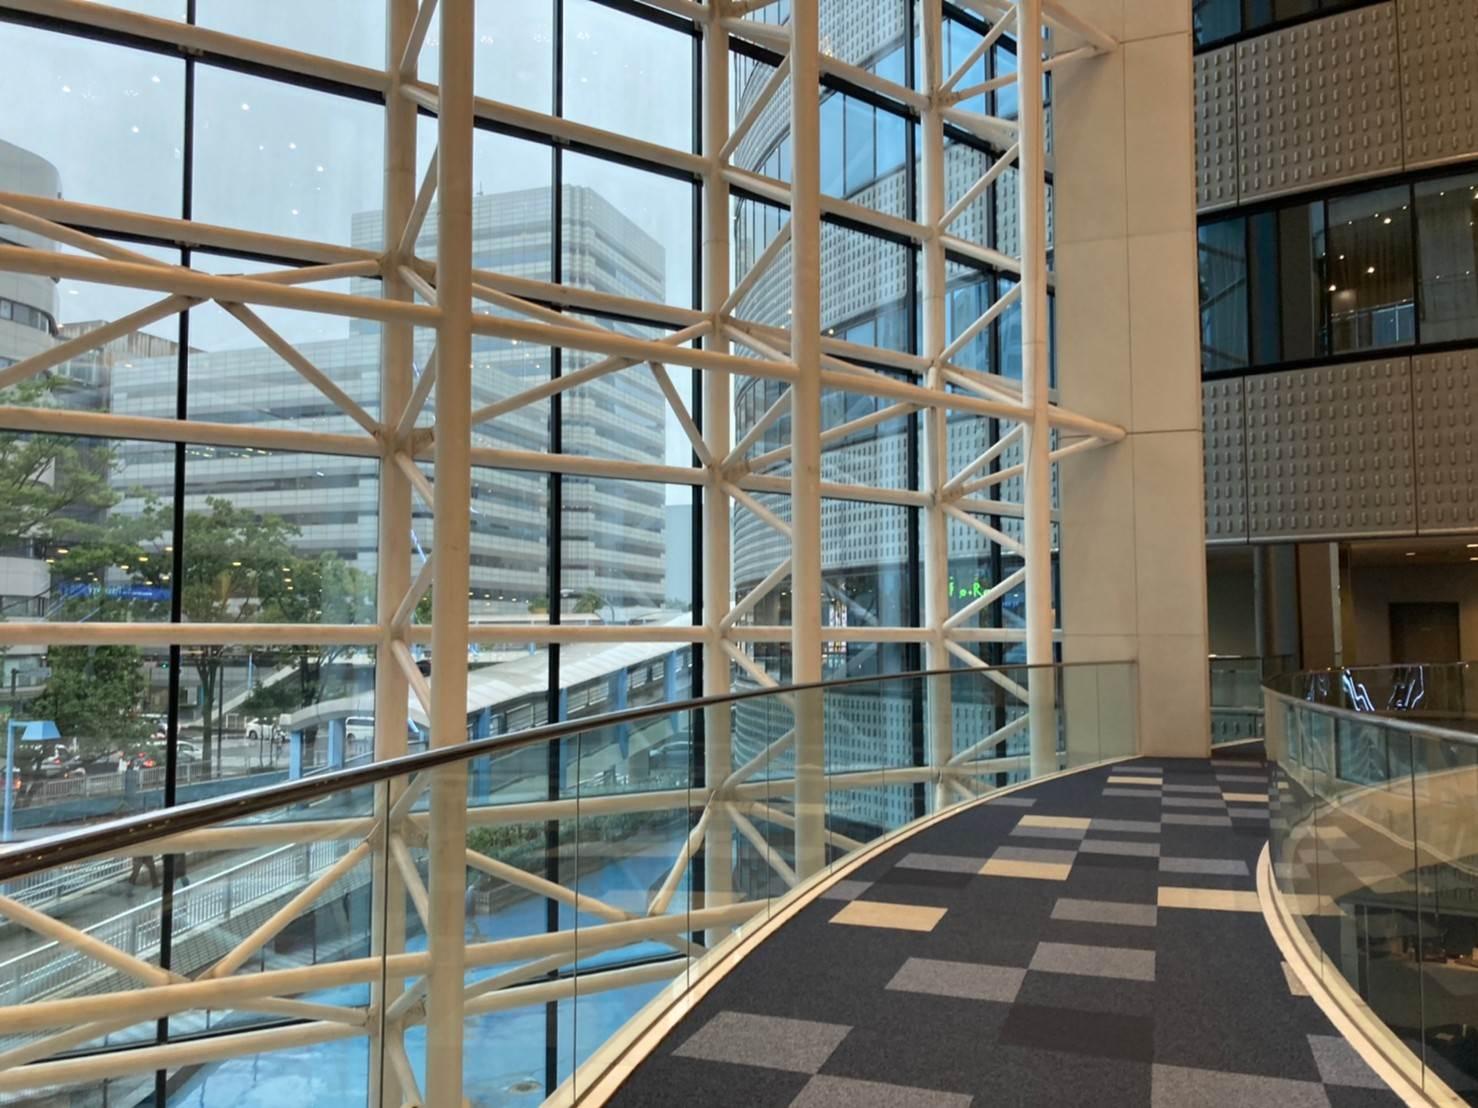 【宿泊記】「新横浜プリンスホテル」紹介&感想!お部屋やアメニティを詳細レビュー!